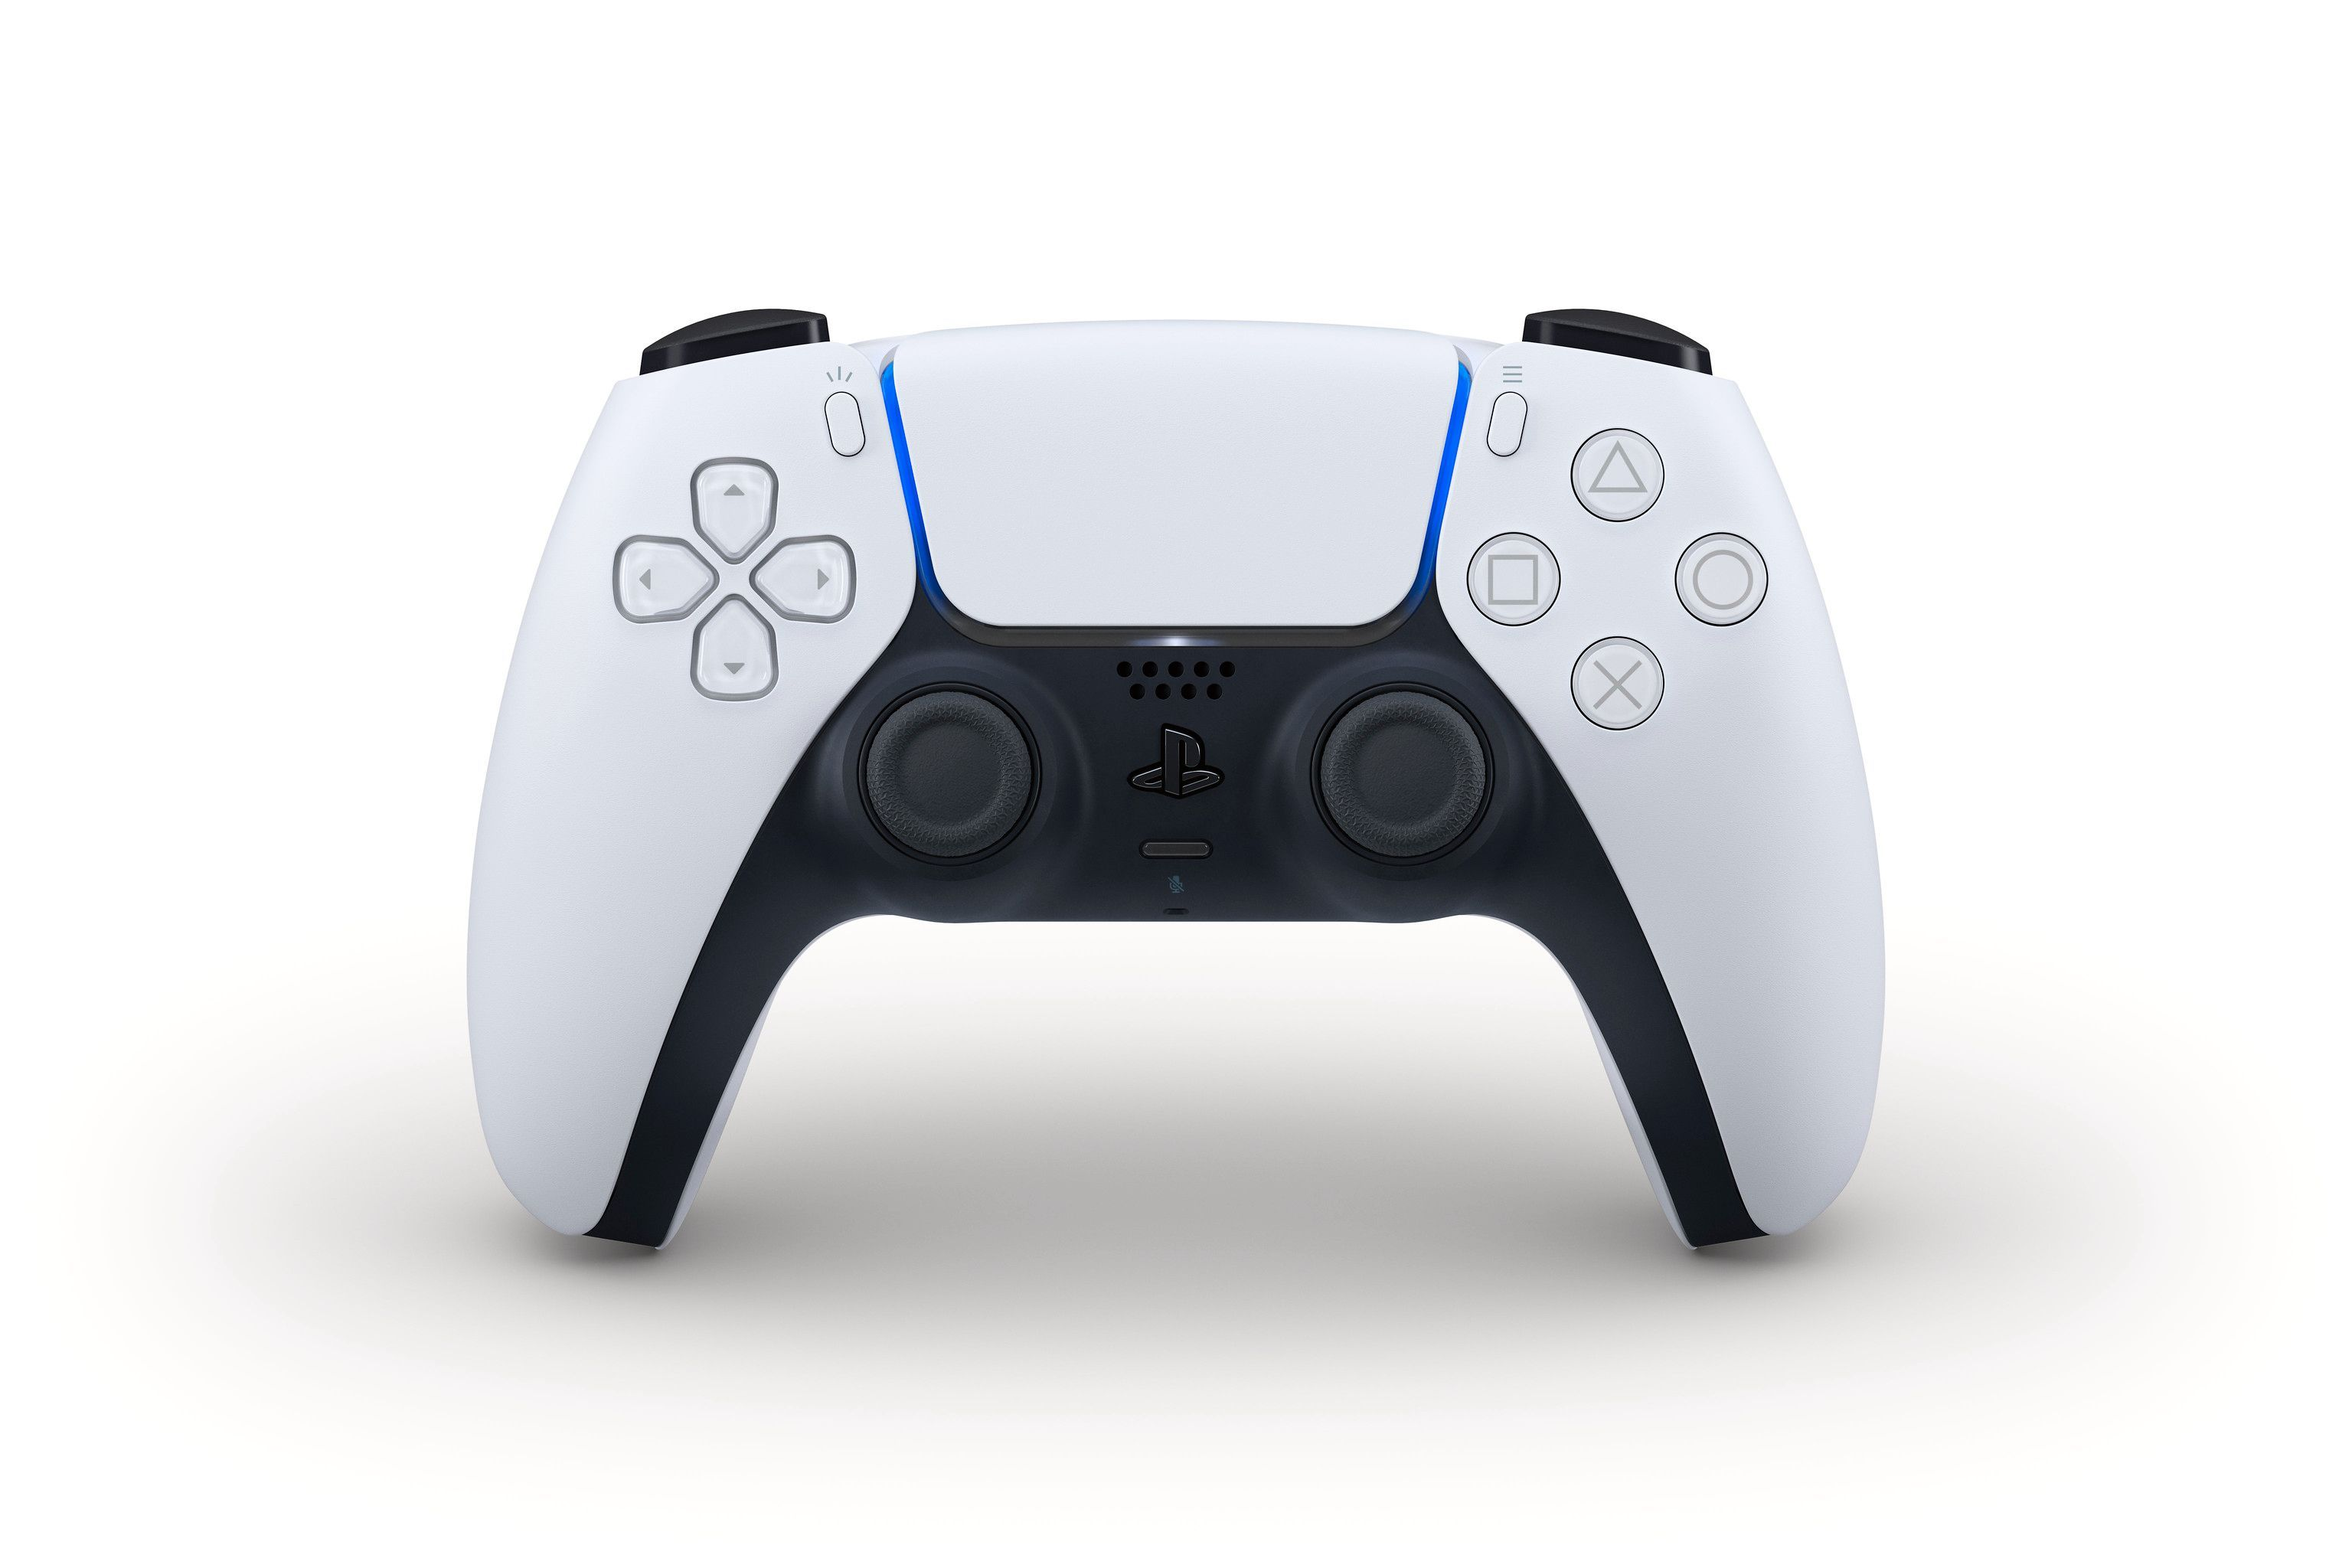 Slik vil den nye PlayStation 5-kontrolleren se ut.